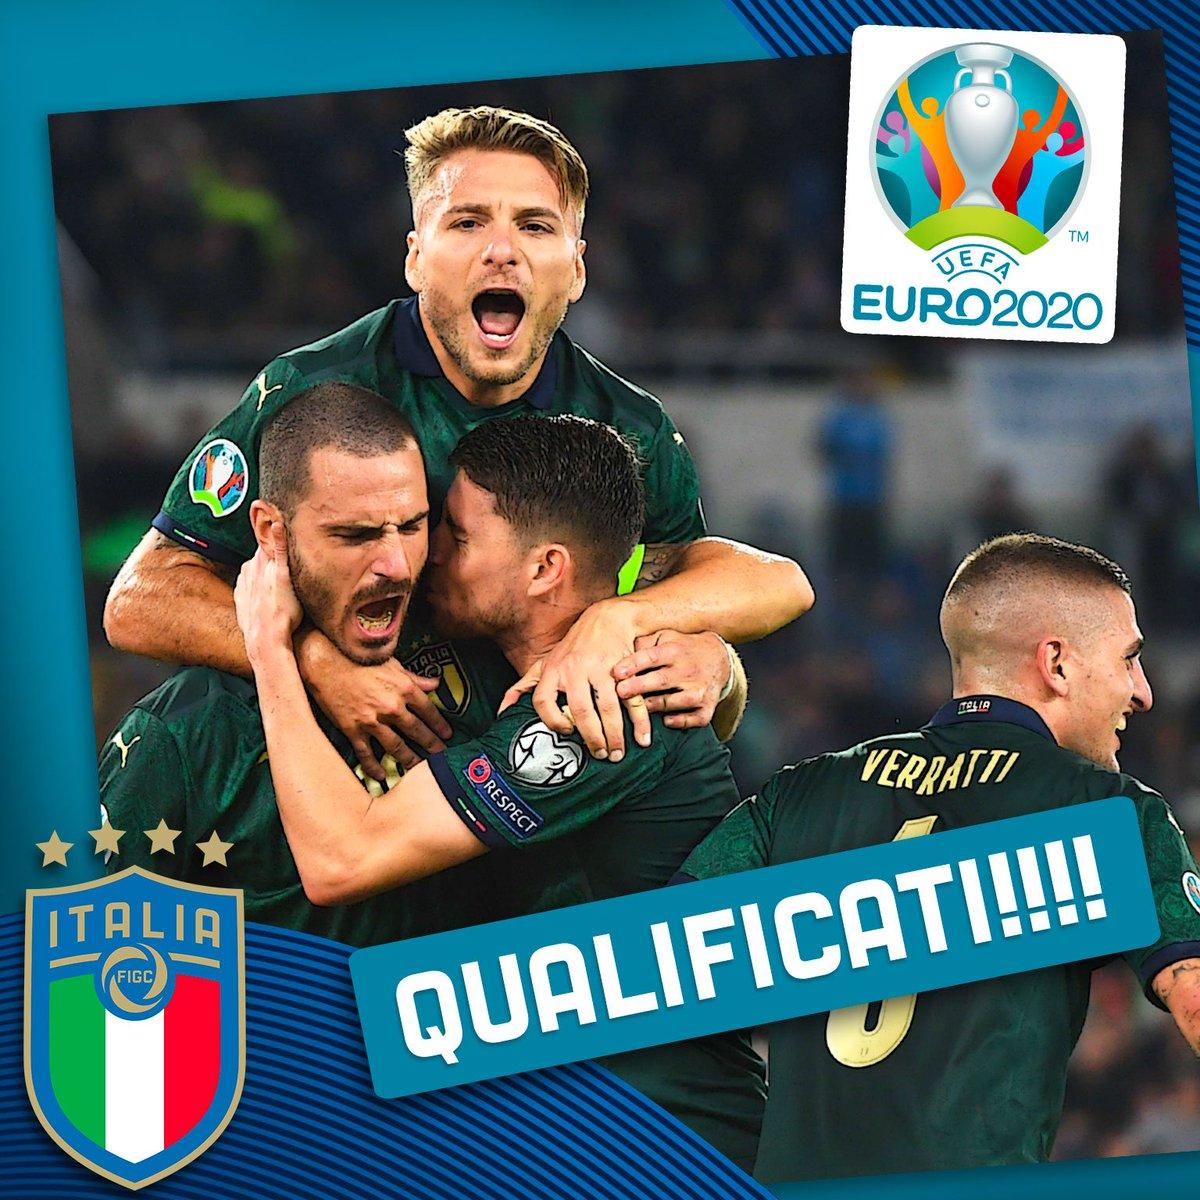 Qualificazioni Europei 2020- L'talia batte la Grecia e si qualifica